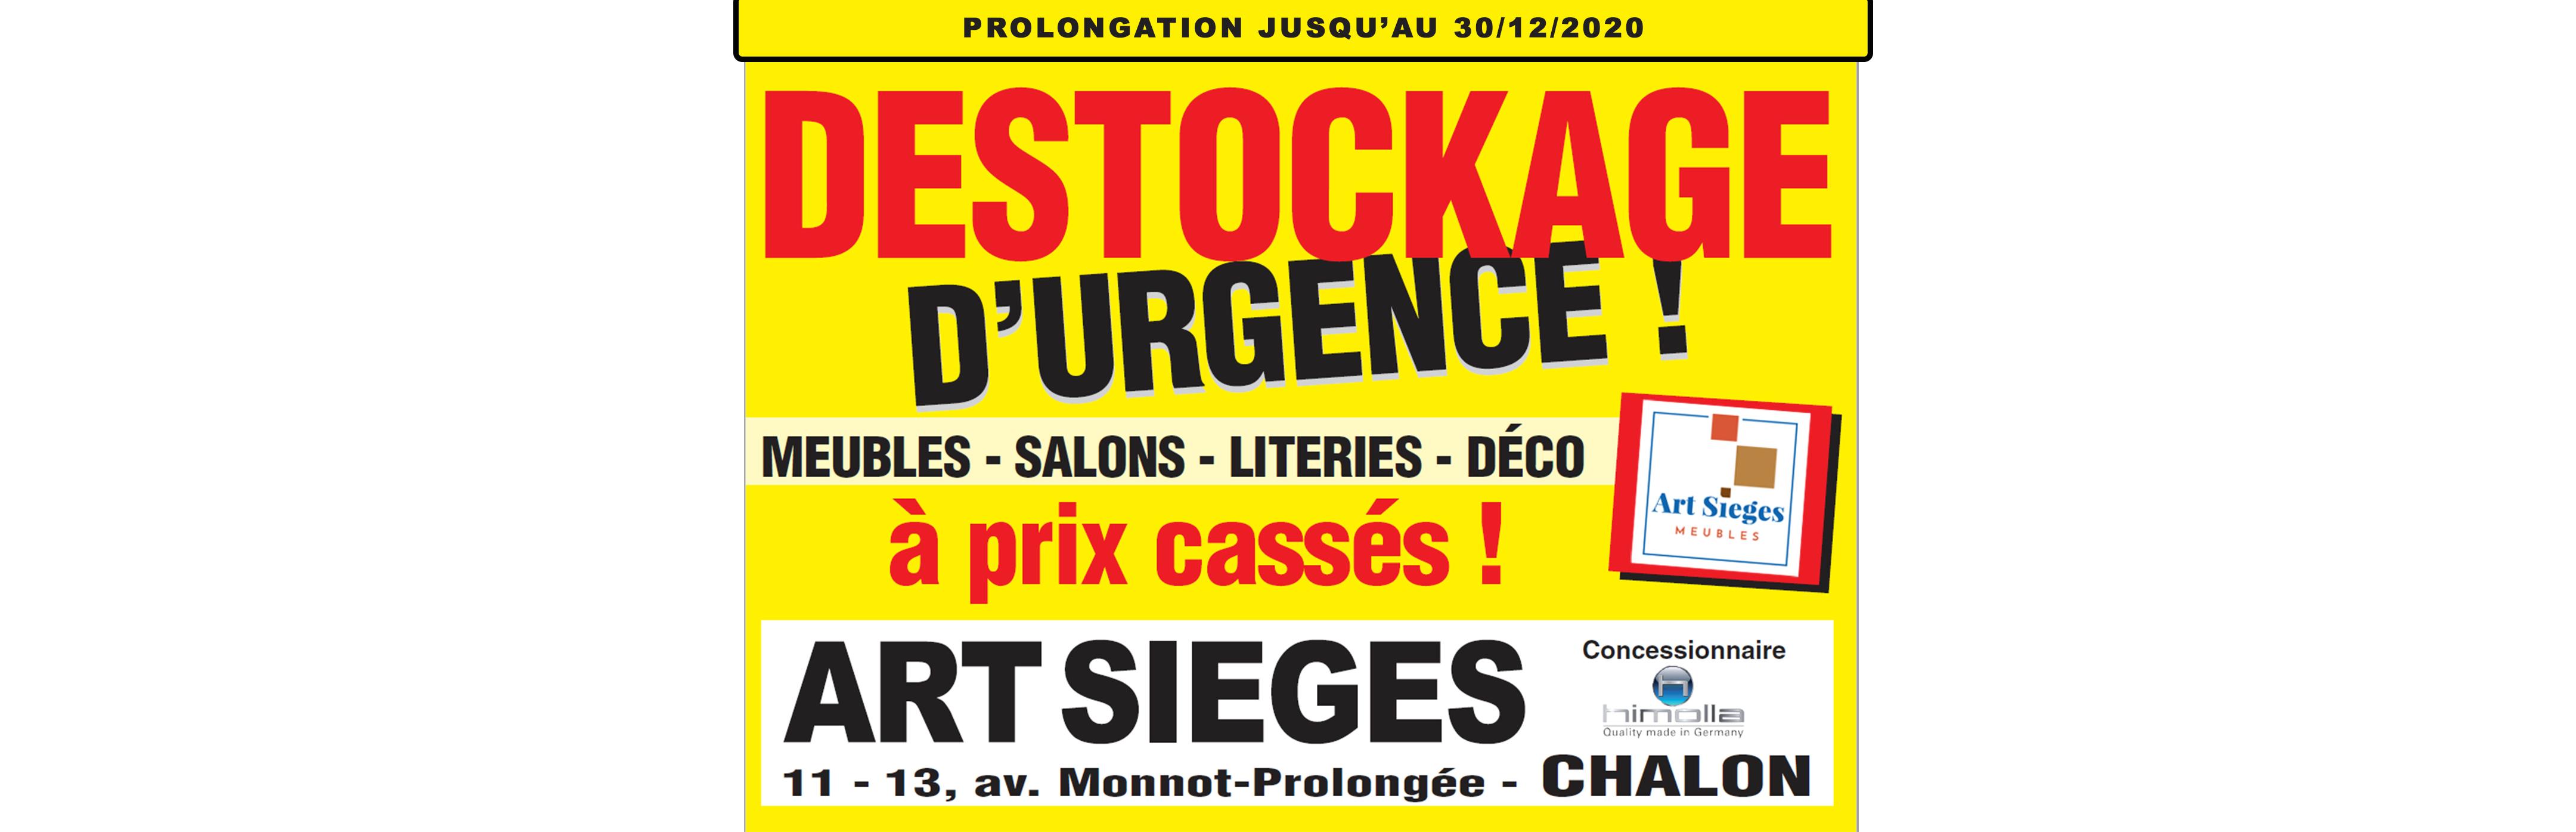 Destockage d'urgence : PROLONGATIONS